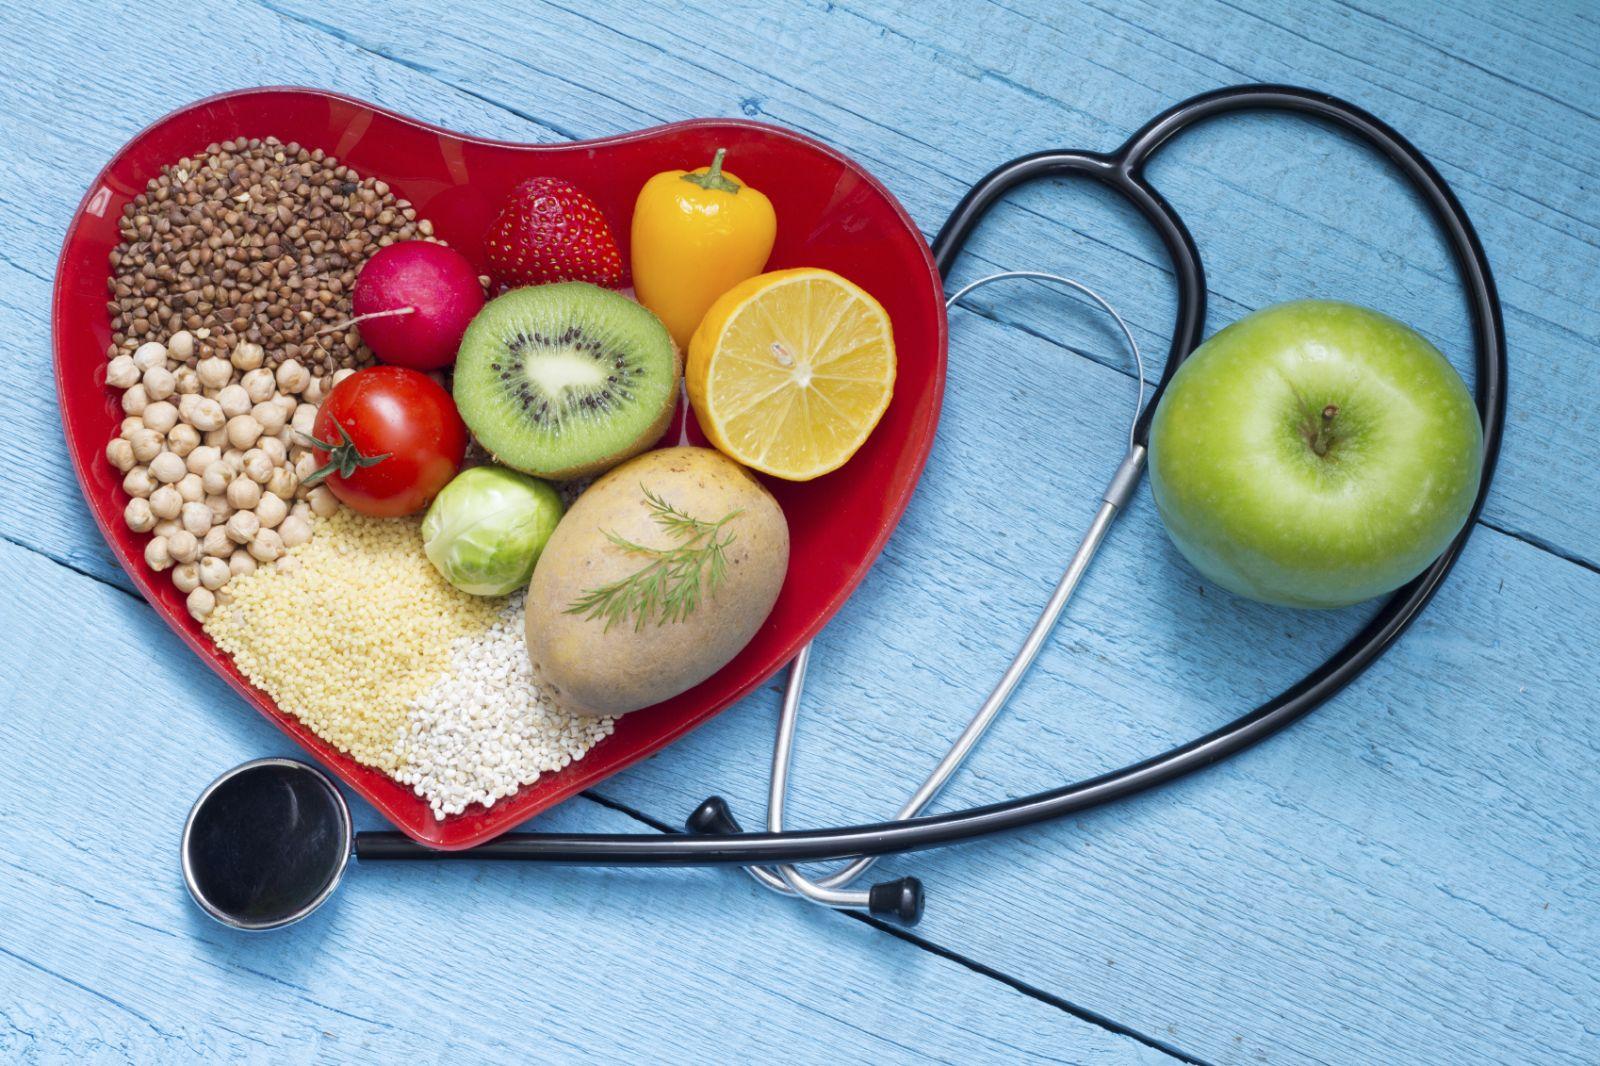 Có thể gợi ý cho tôi 1 số thực phẩm giảm cholesterol không #cholesterol ?